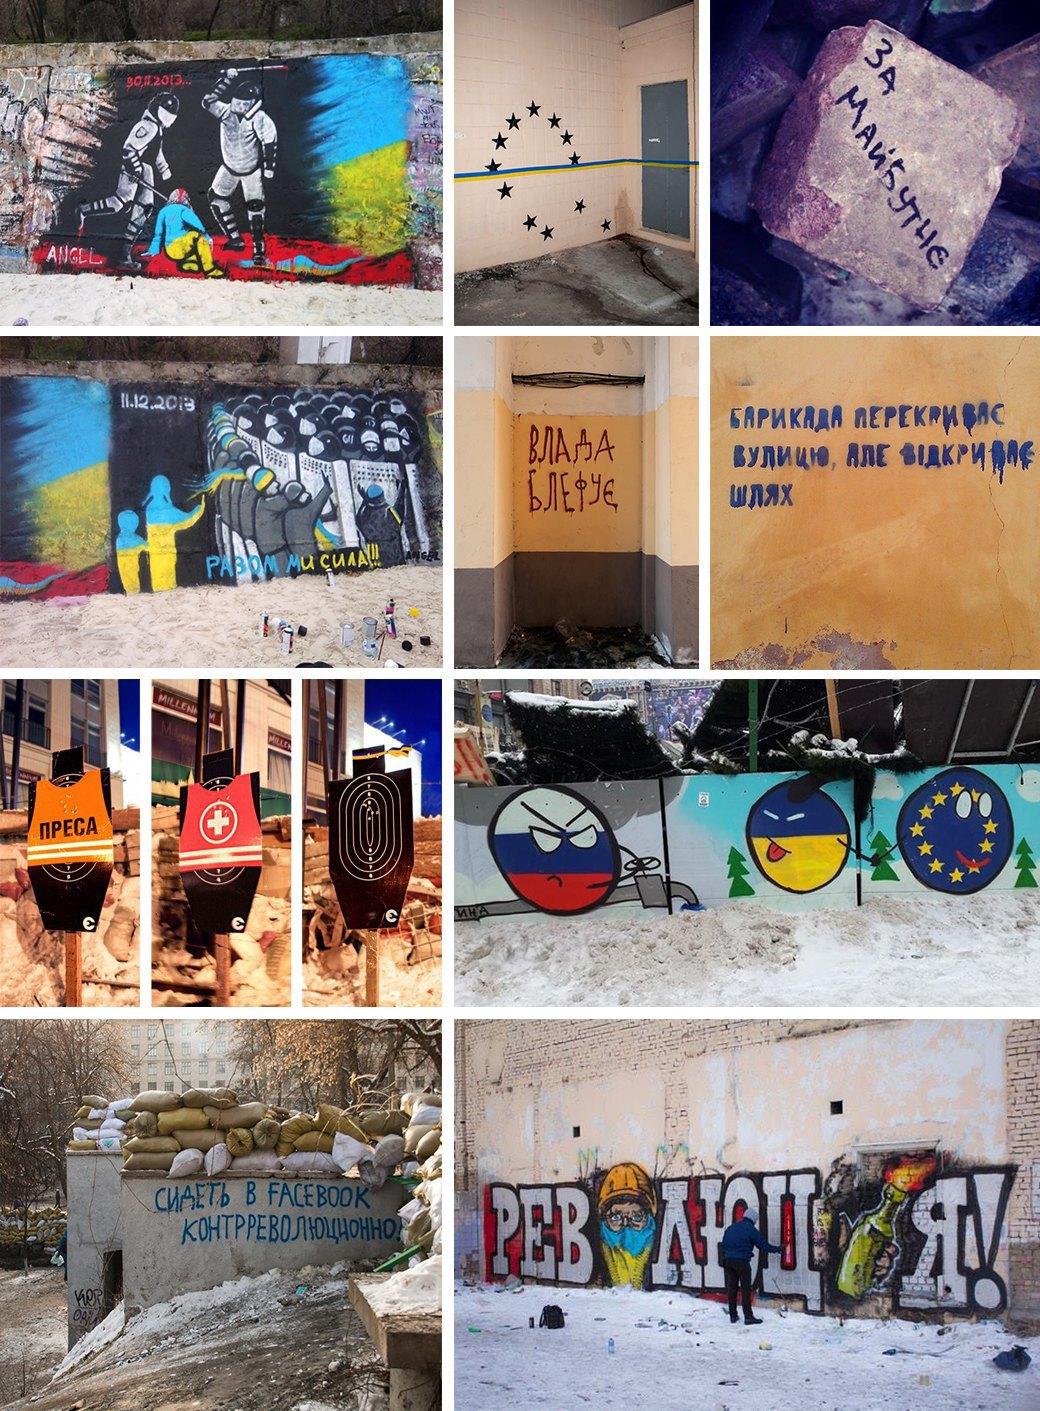 Протестное искусство на Майдане: Плакаты, перформансы, стрит-арт. Изображение № 2.